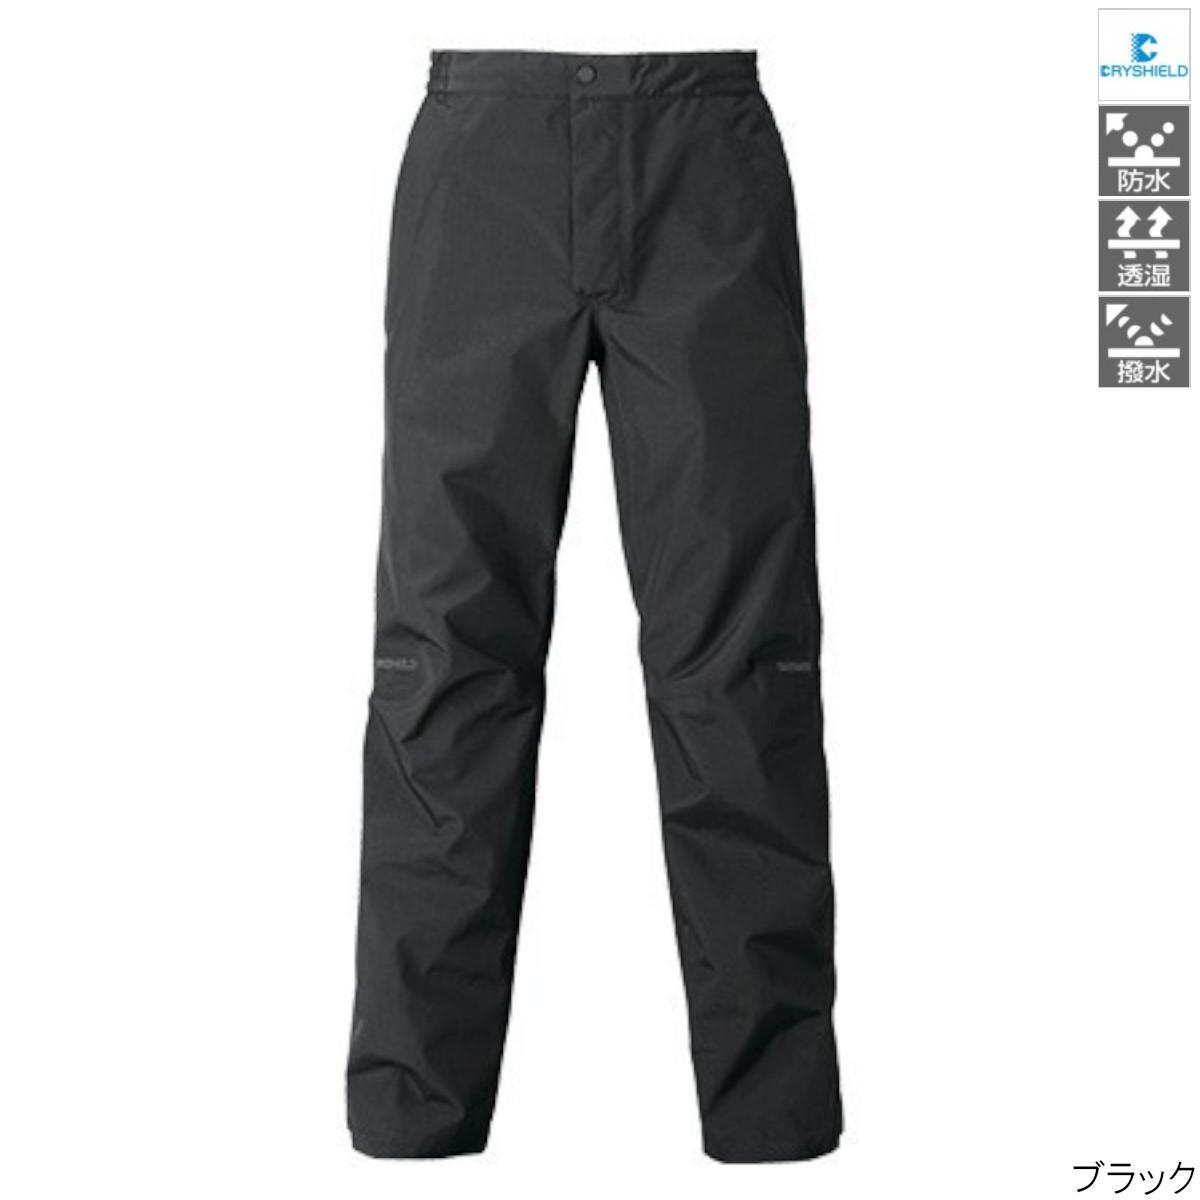 シマノ DSエクスプローラーレインパンツ RA-04PT M ブラック(東日本店)